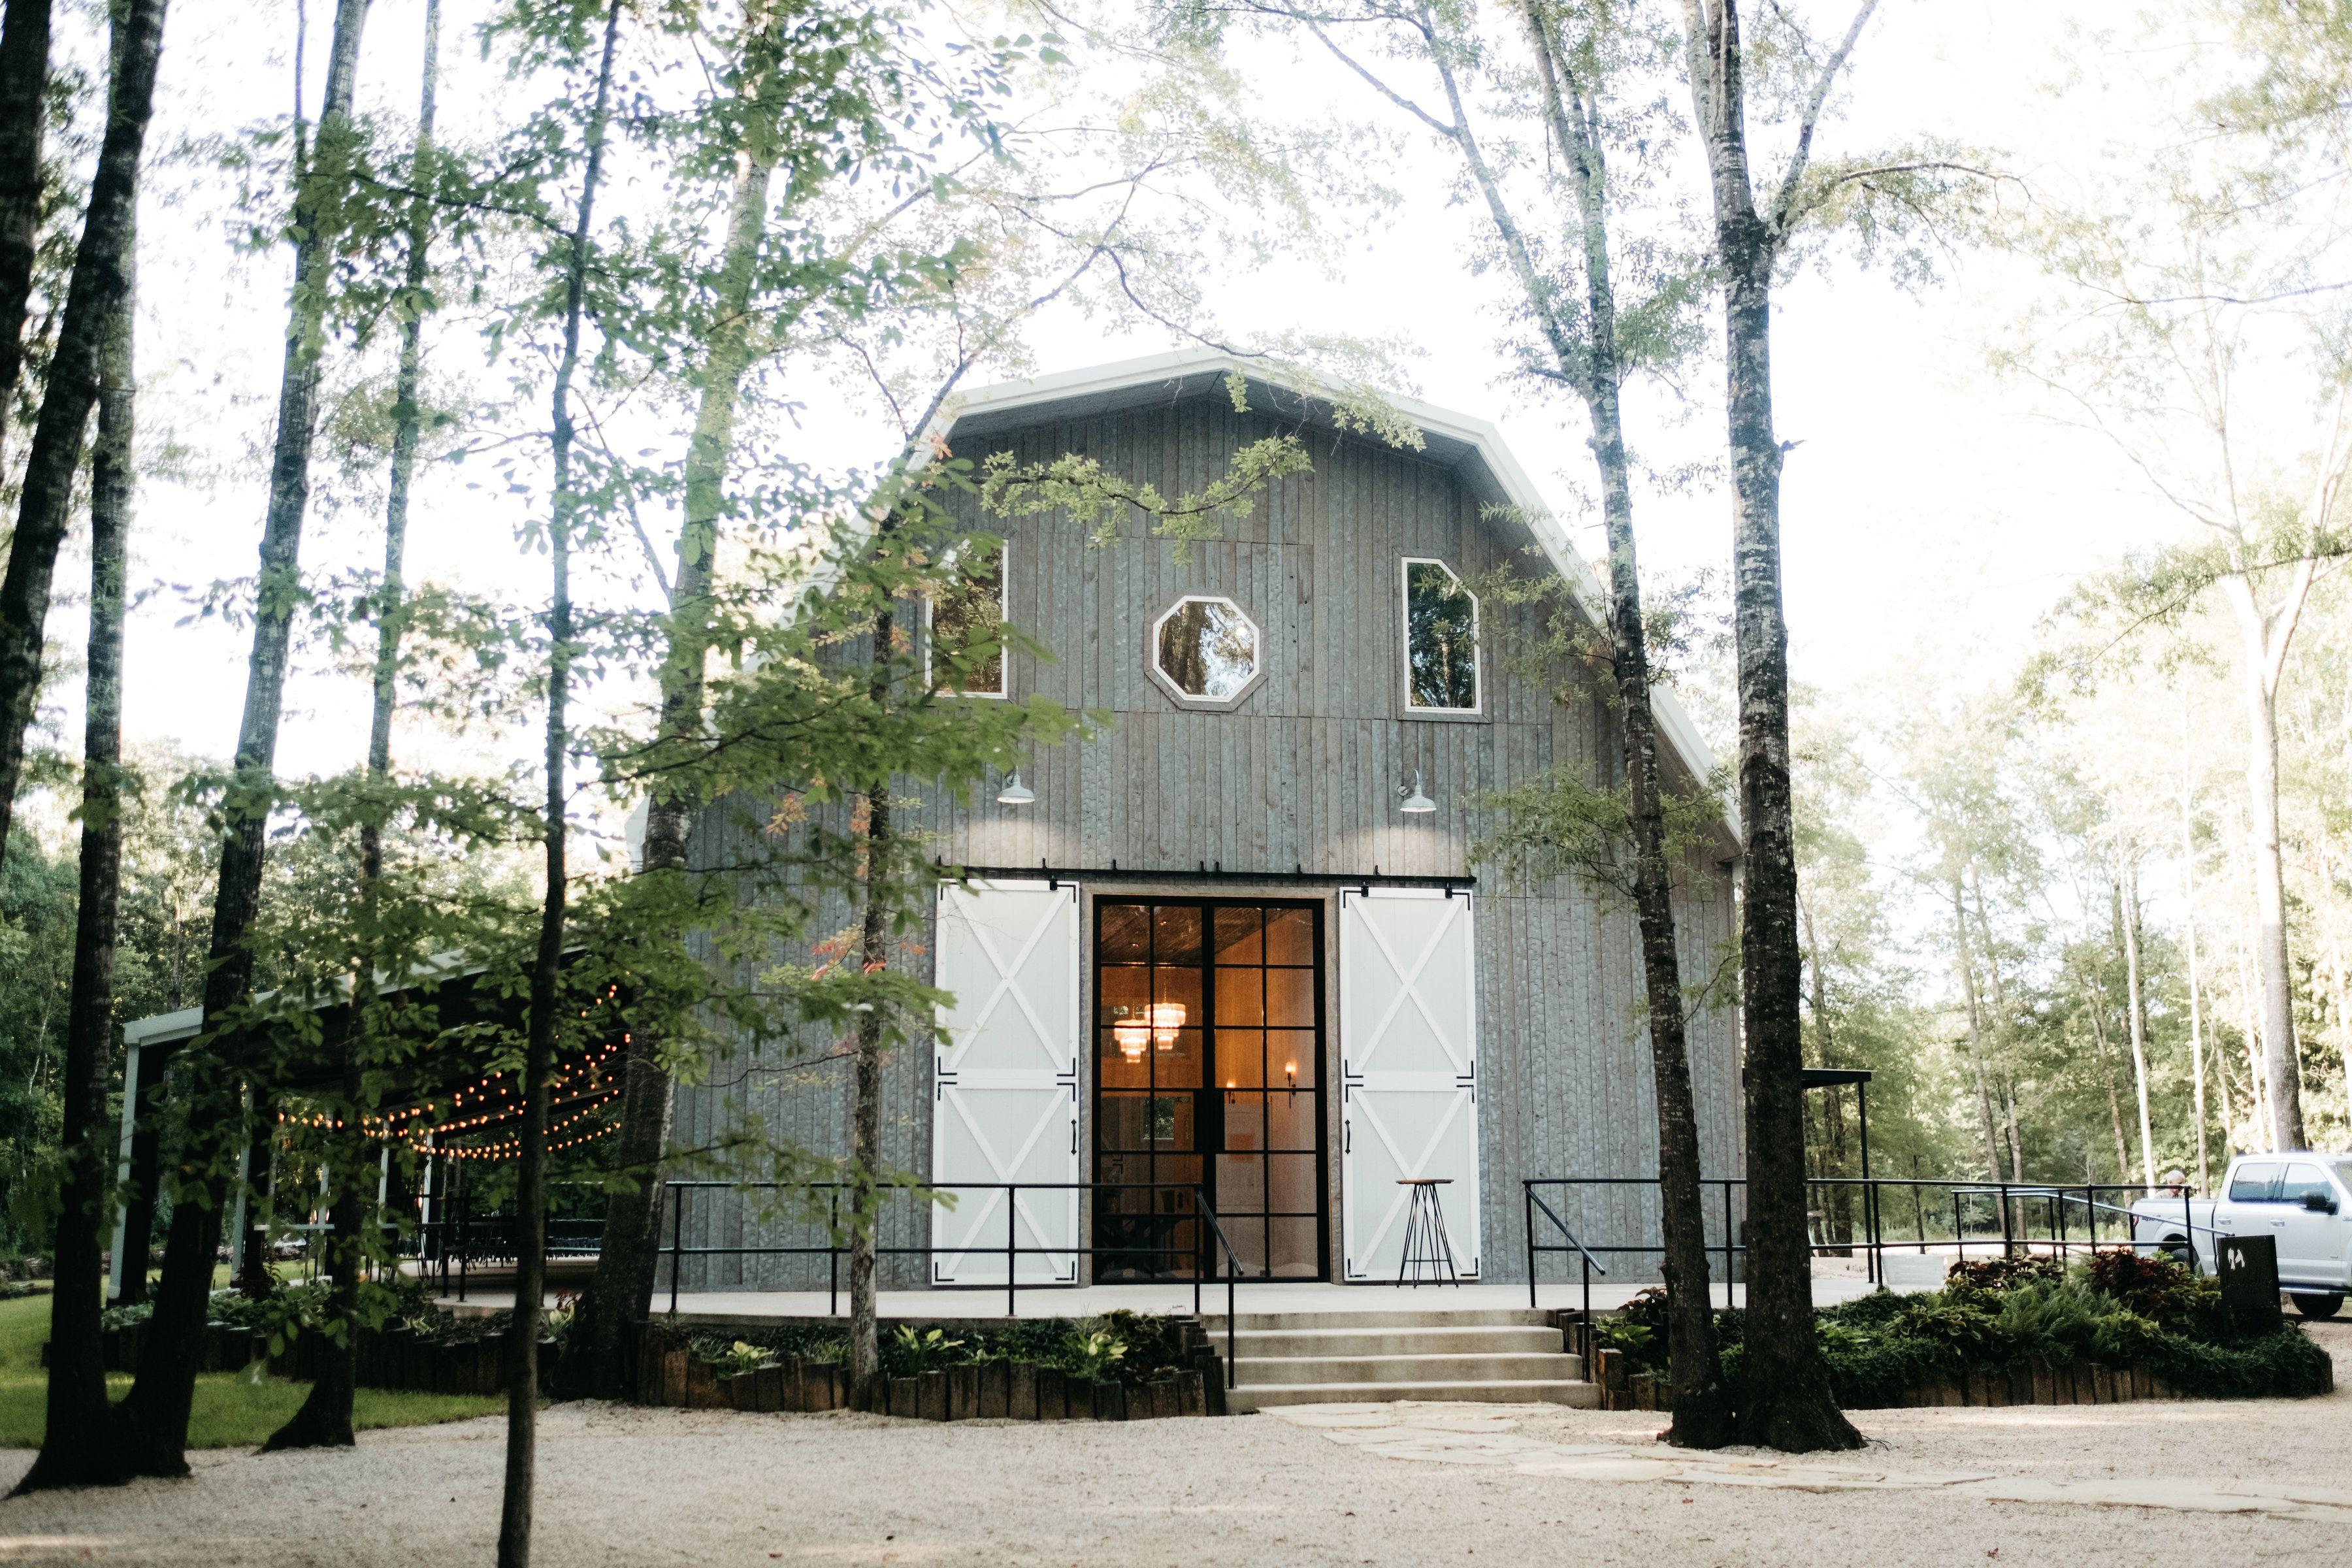 Barn wedding venue in Longview, Texas | Barn wedding venue ...